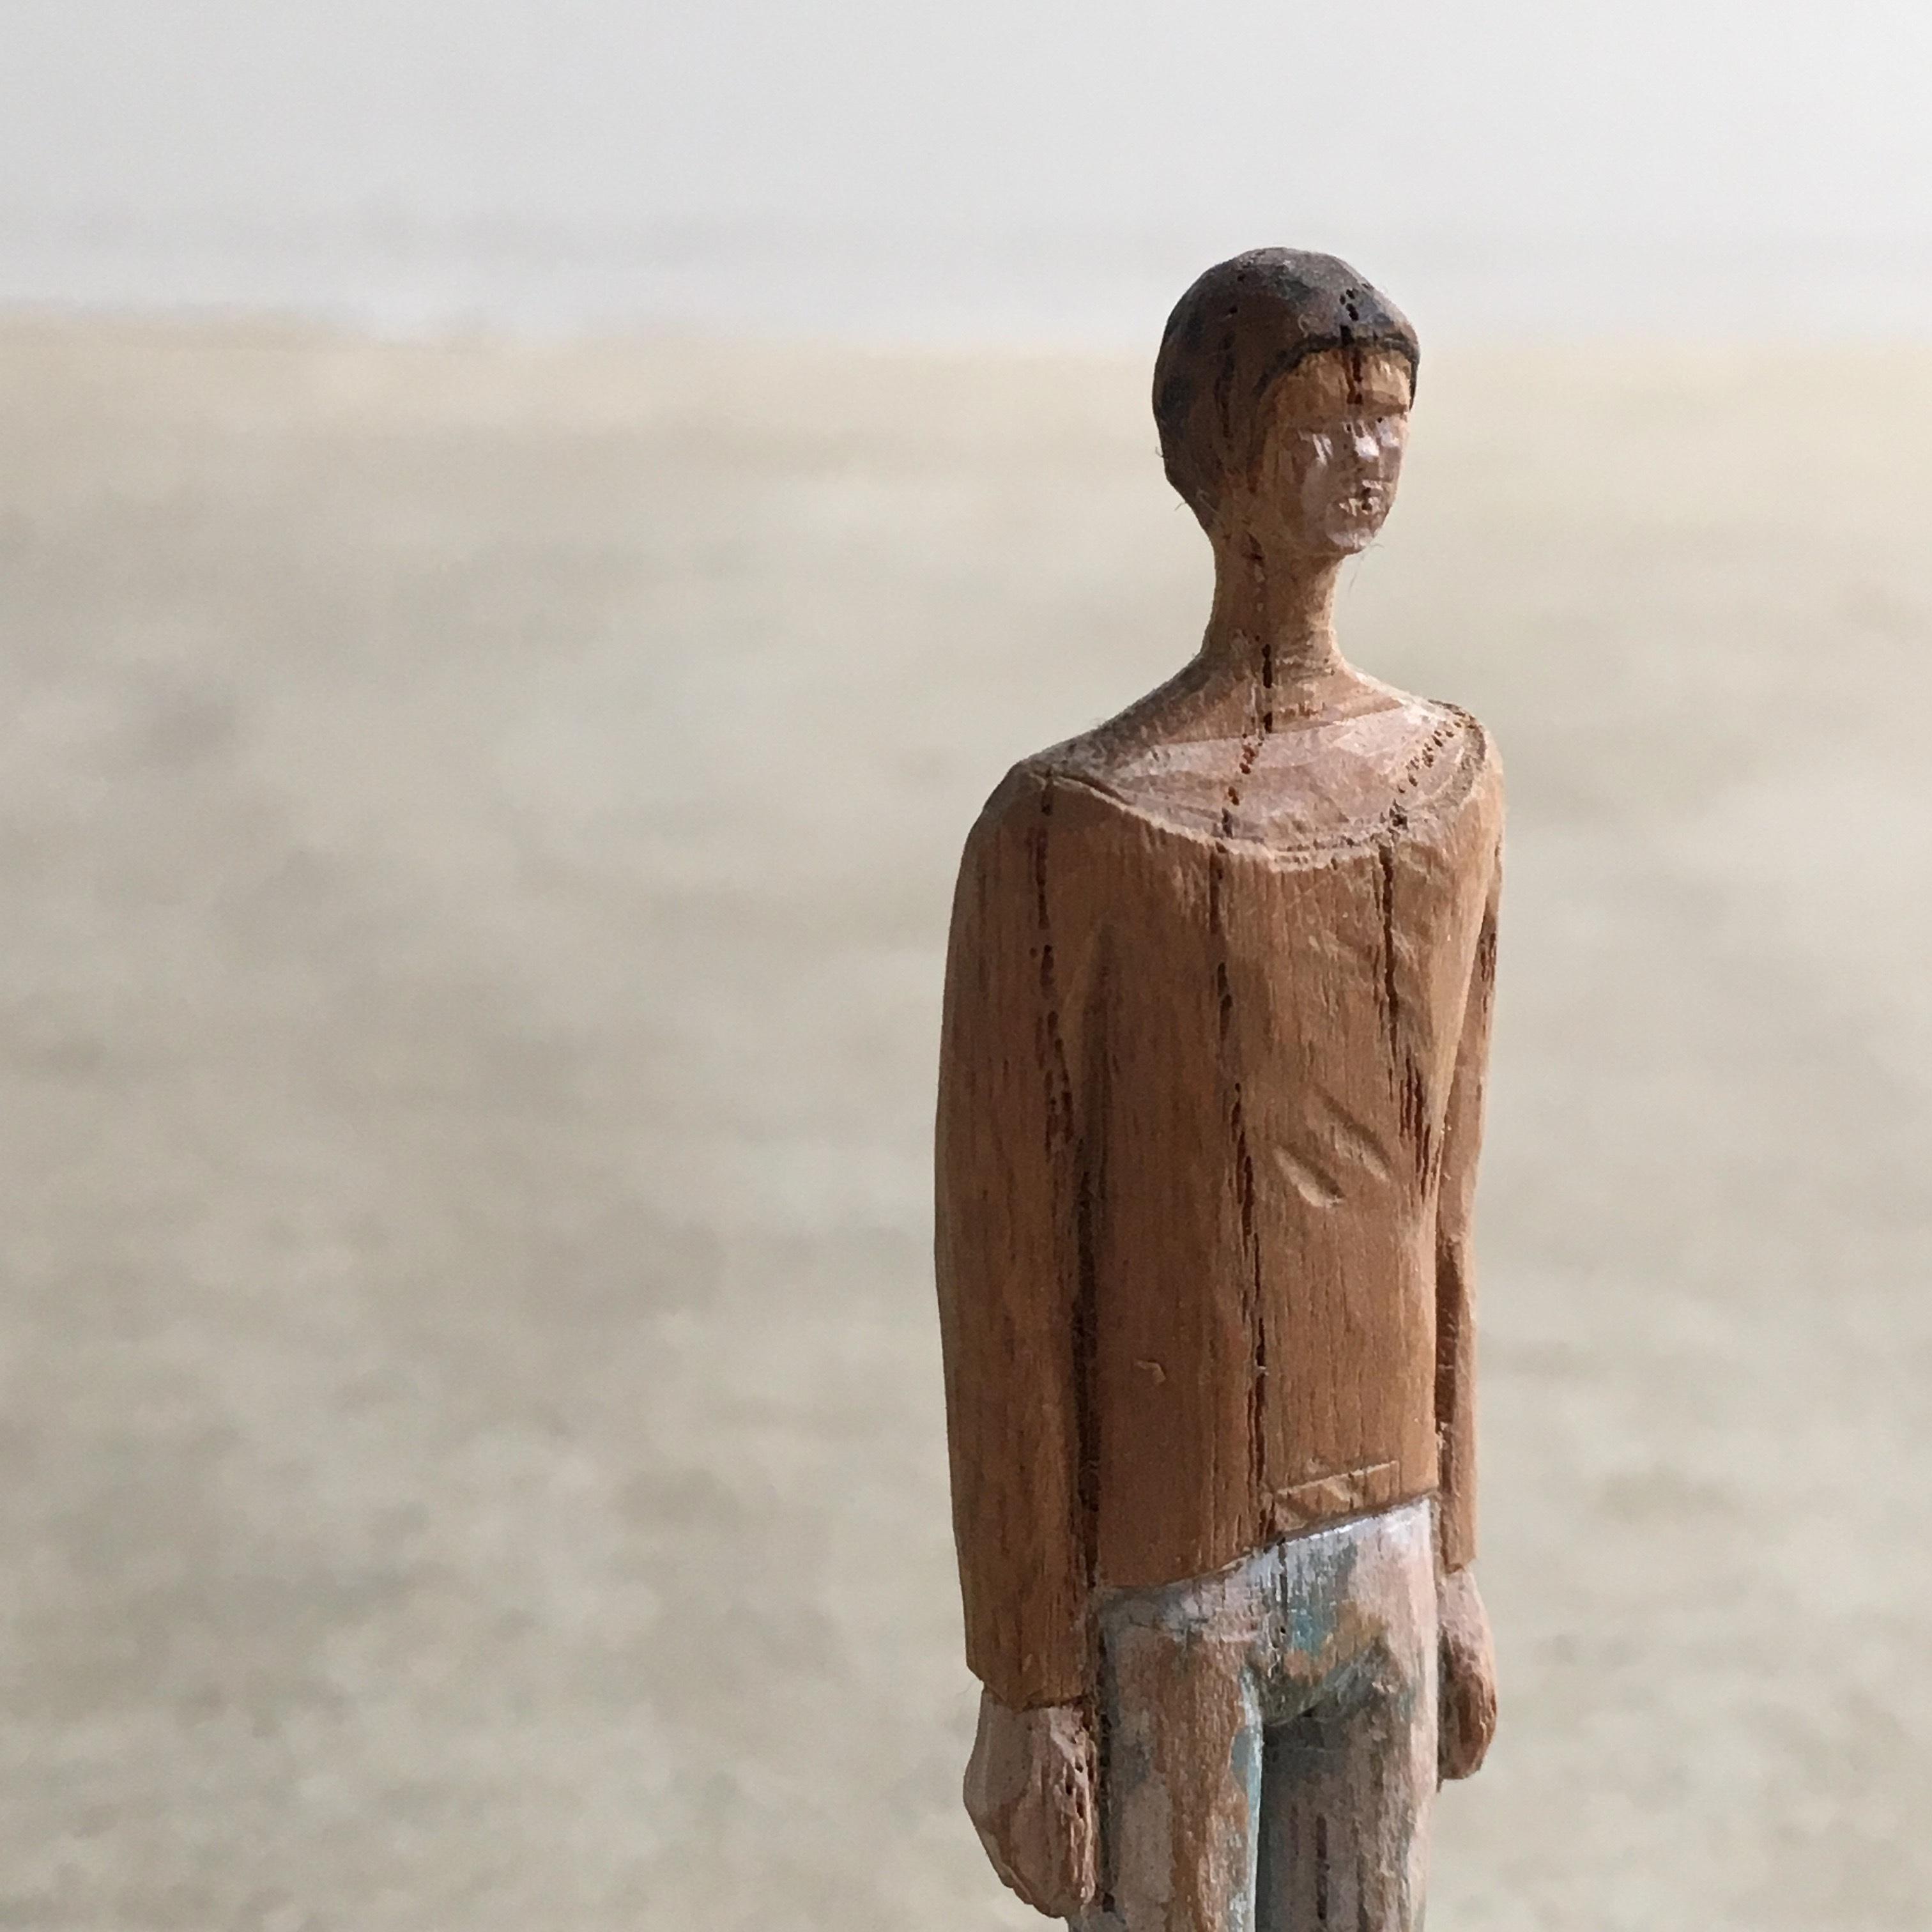 Wood figure / olectronica